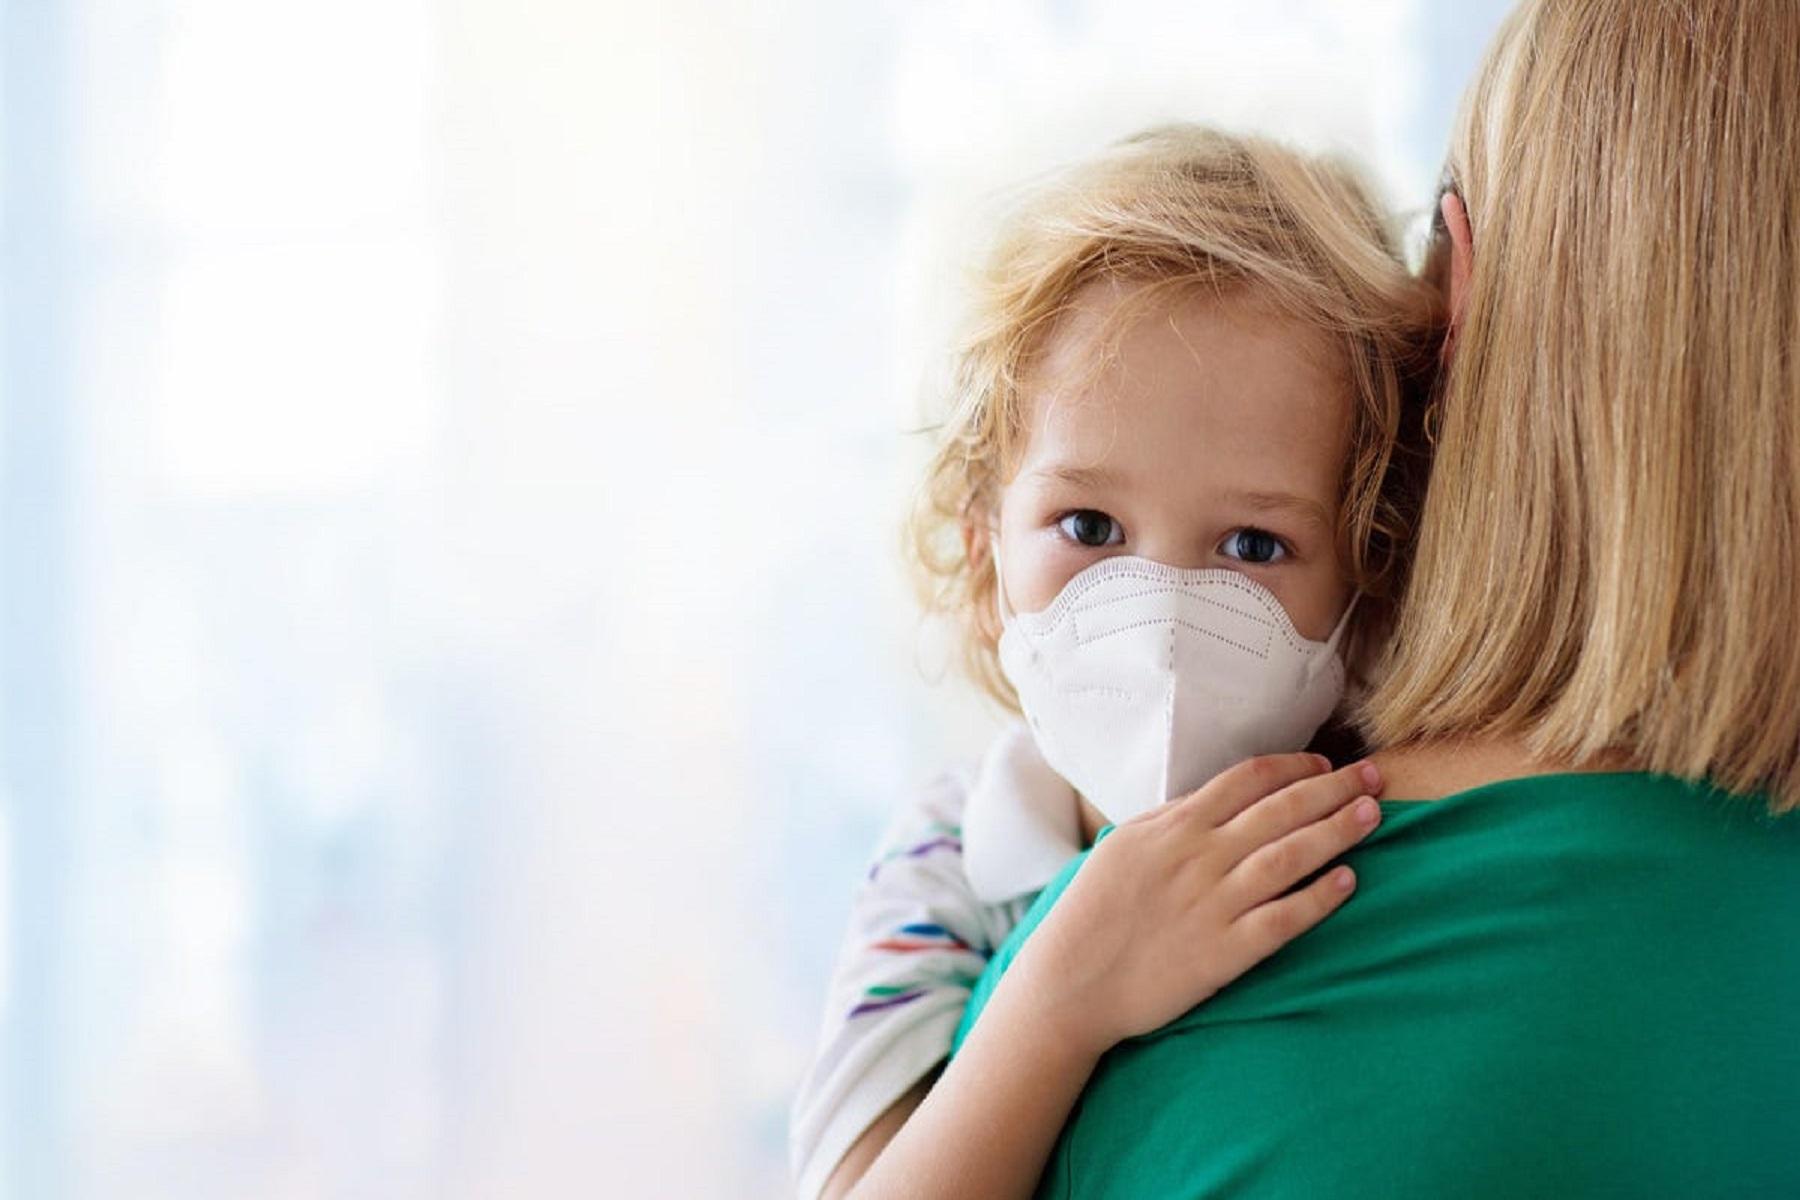 Πανδημία Παραλλαγή Δέλτα: Μπορούν τα παιδιά να έχουν «μακρά COVID» μετά από μόλυνση από κορωνοϊό;